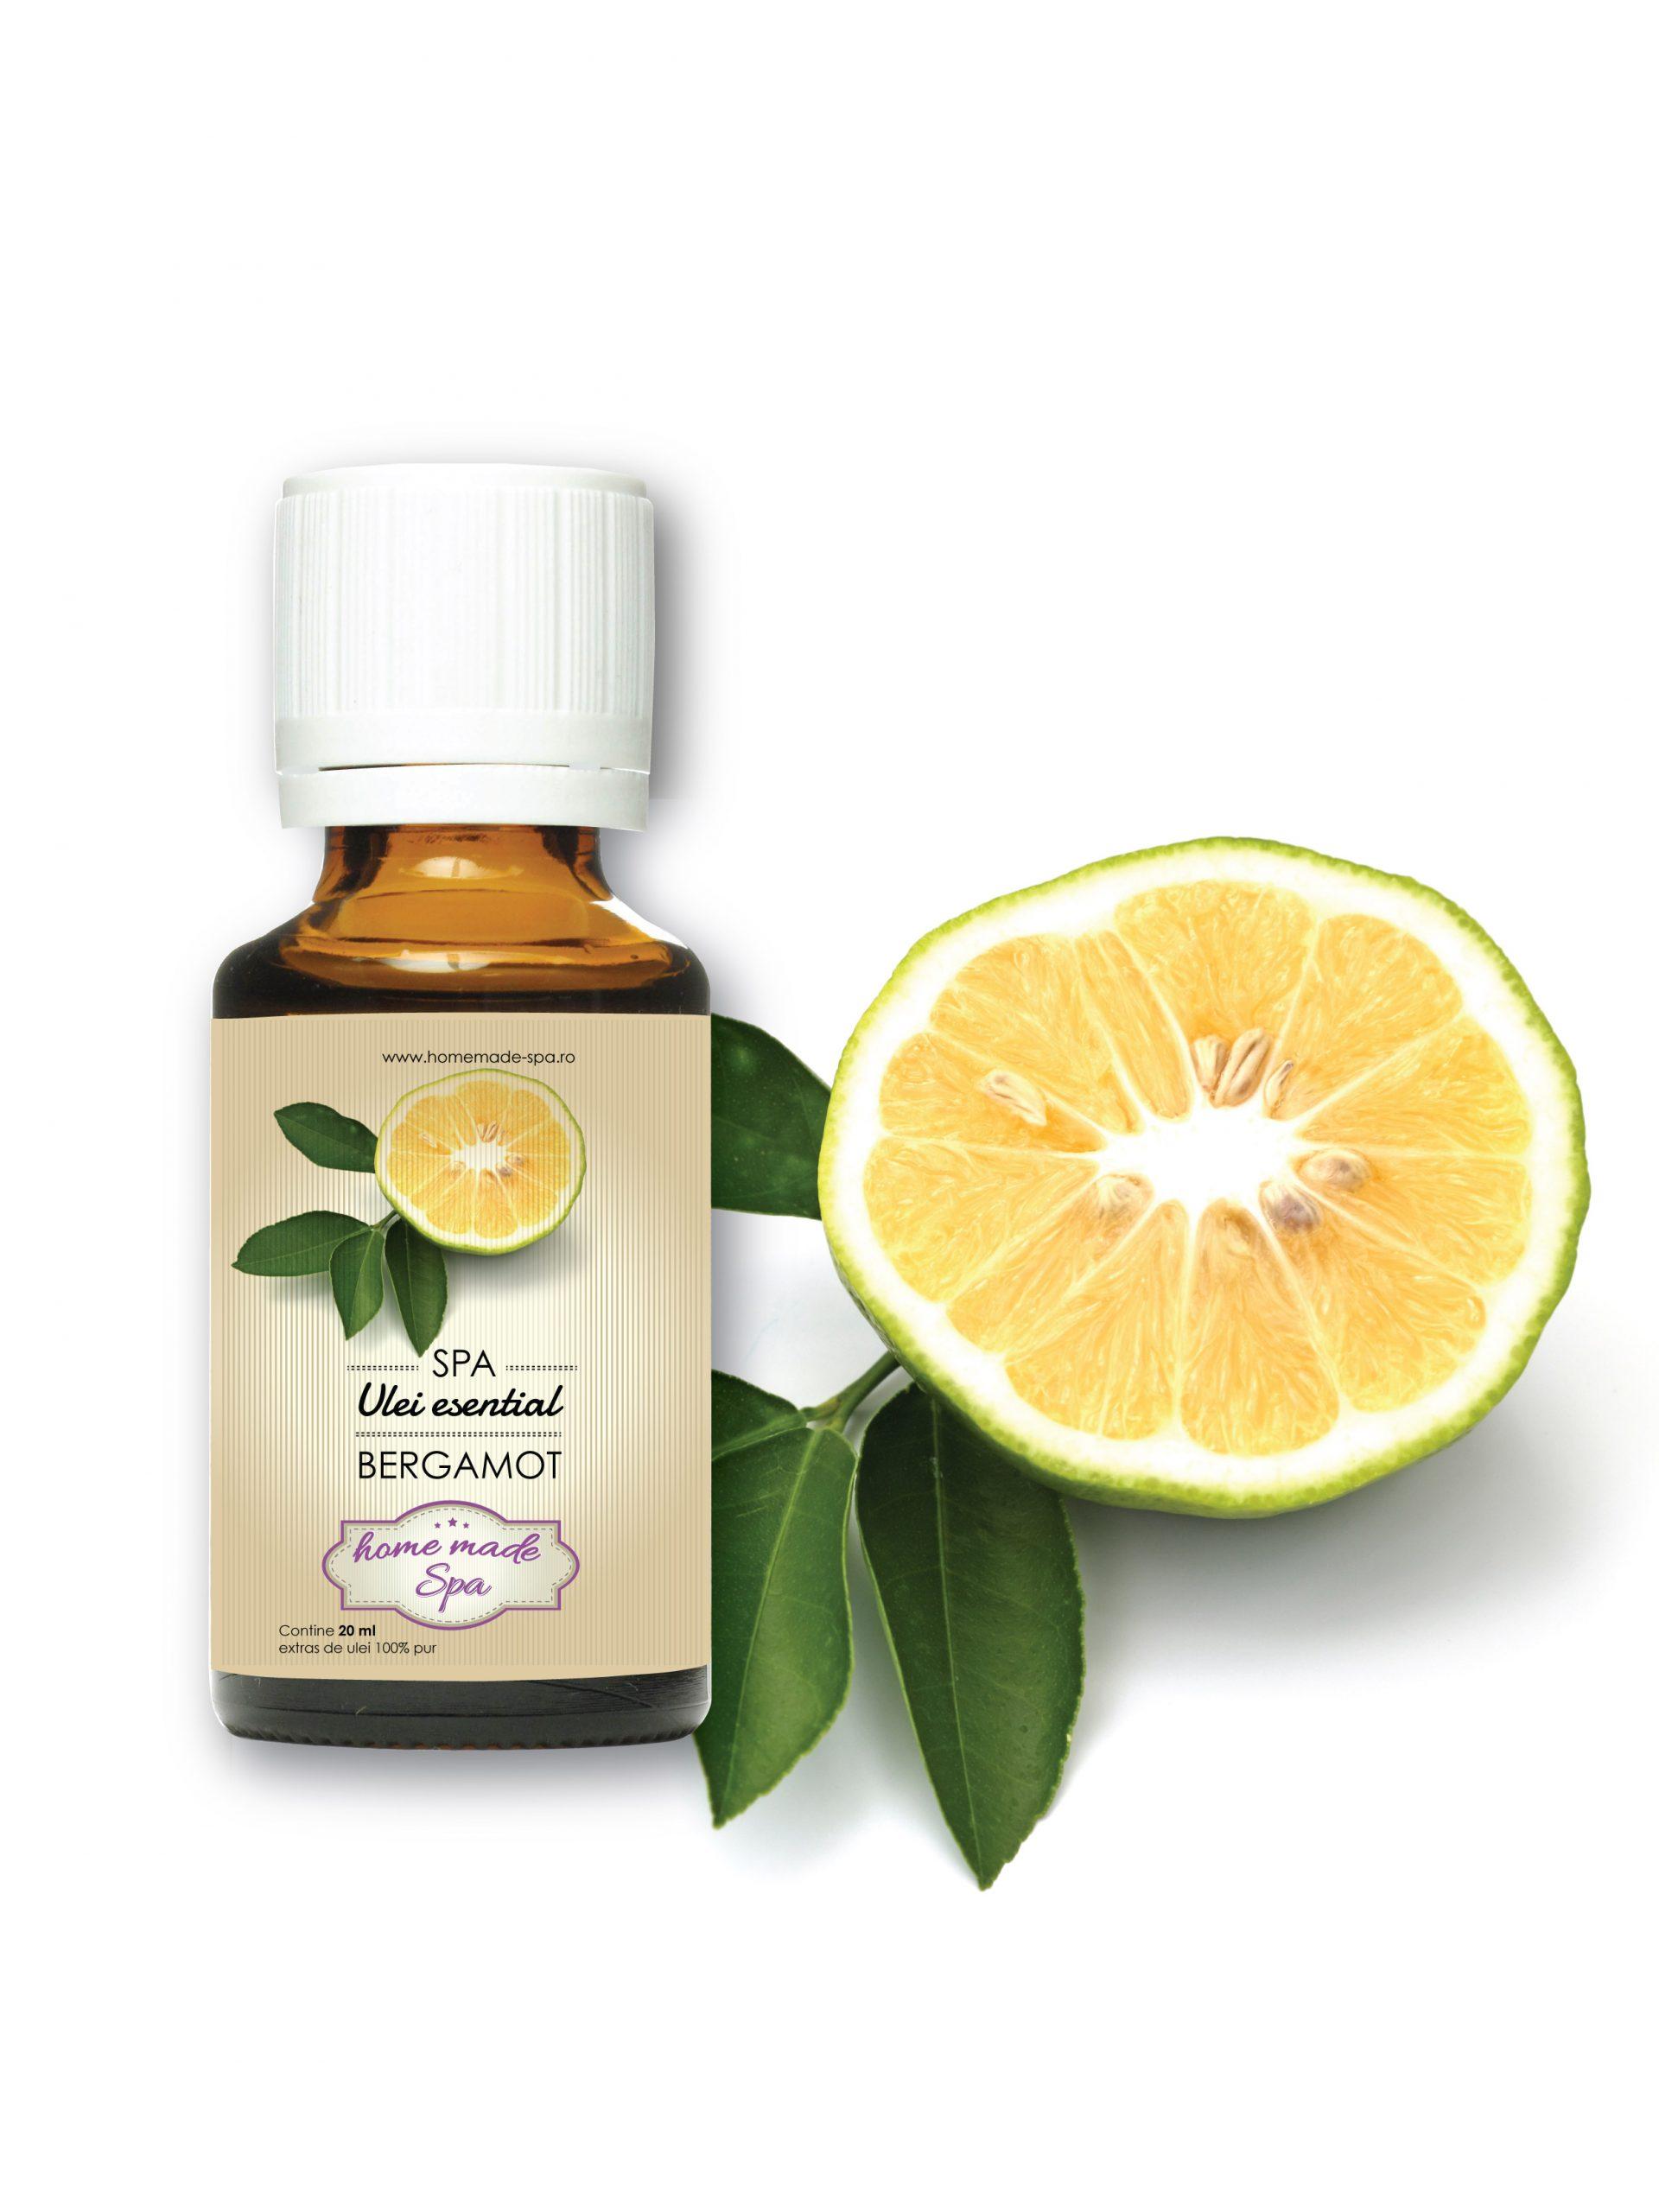 Dieta cu uleiuri esentiale: iti taie pofta de mancare si te ajuta sa slabesti - mymamaluvs.com